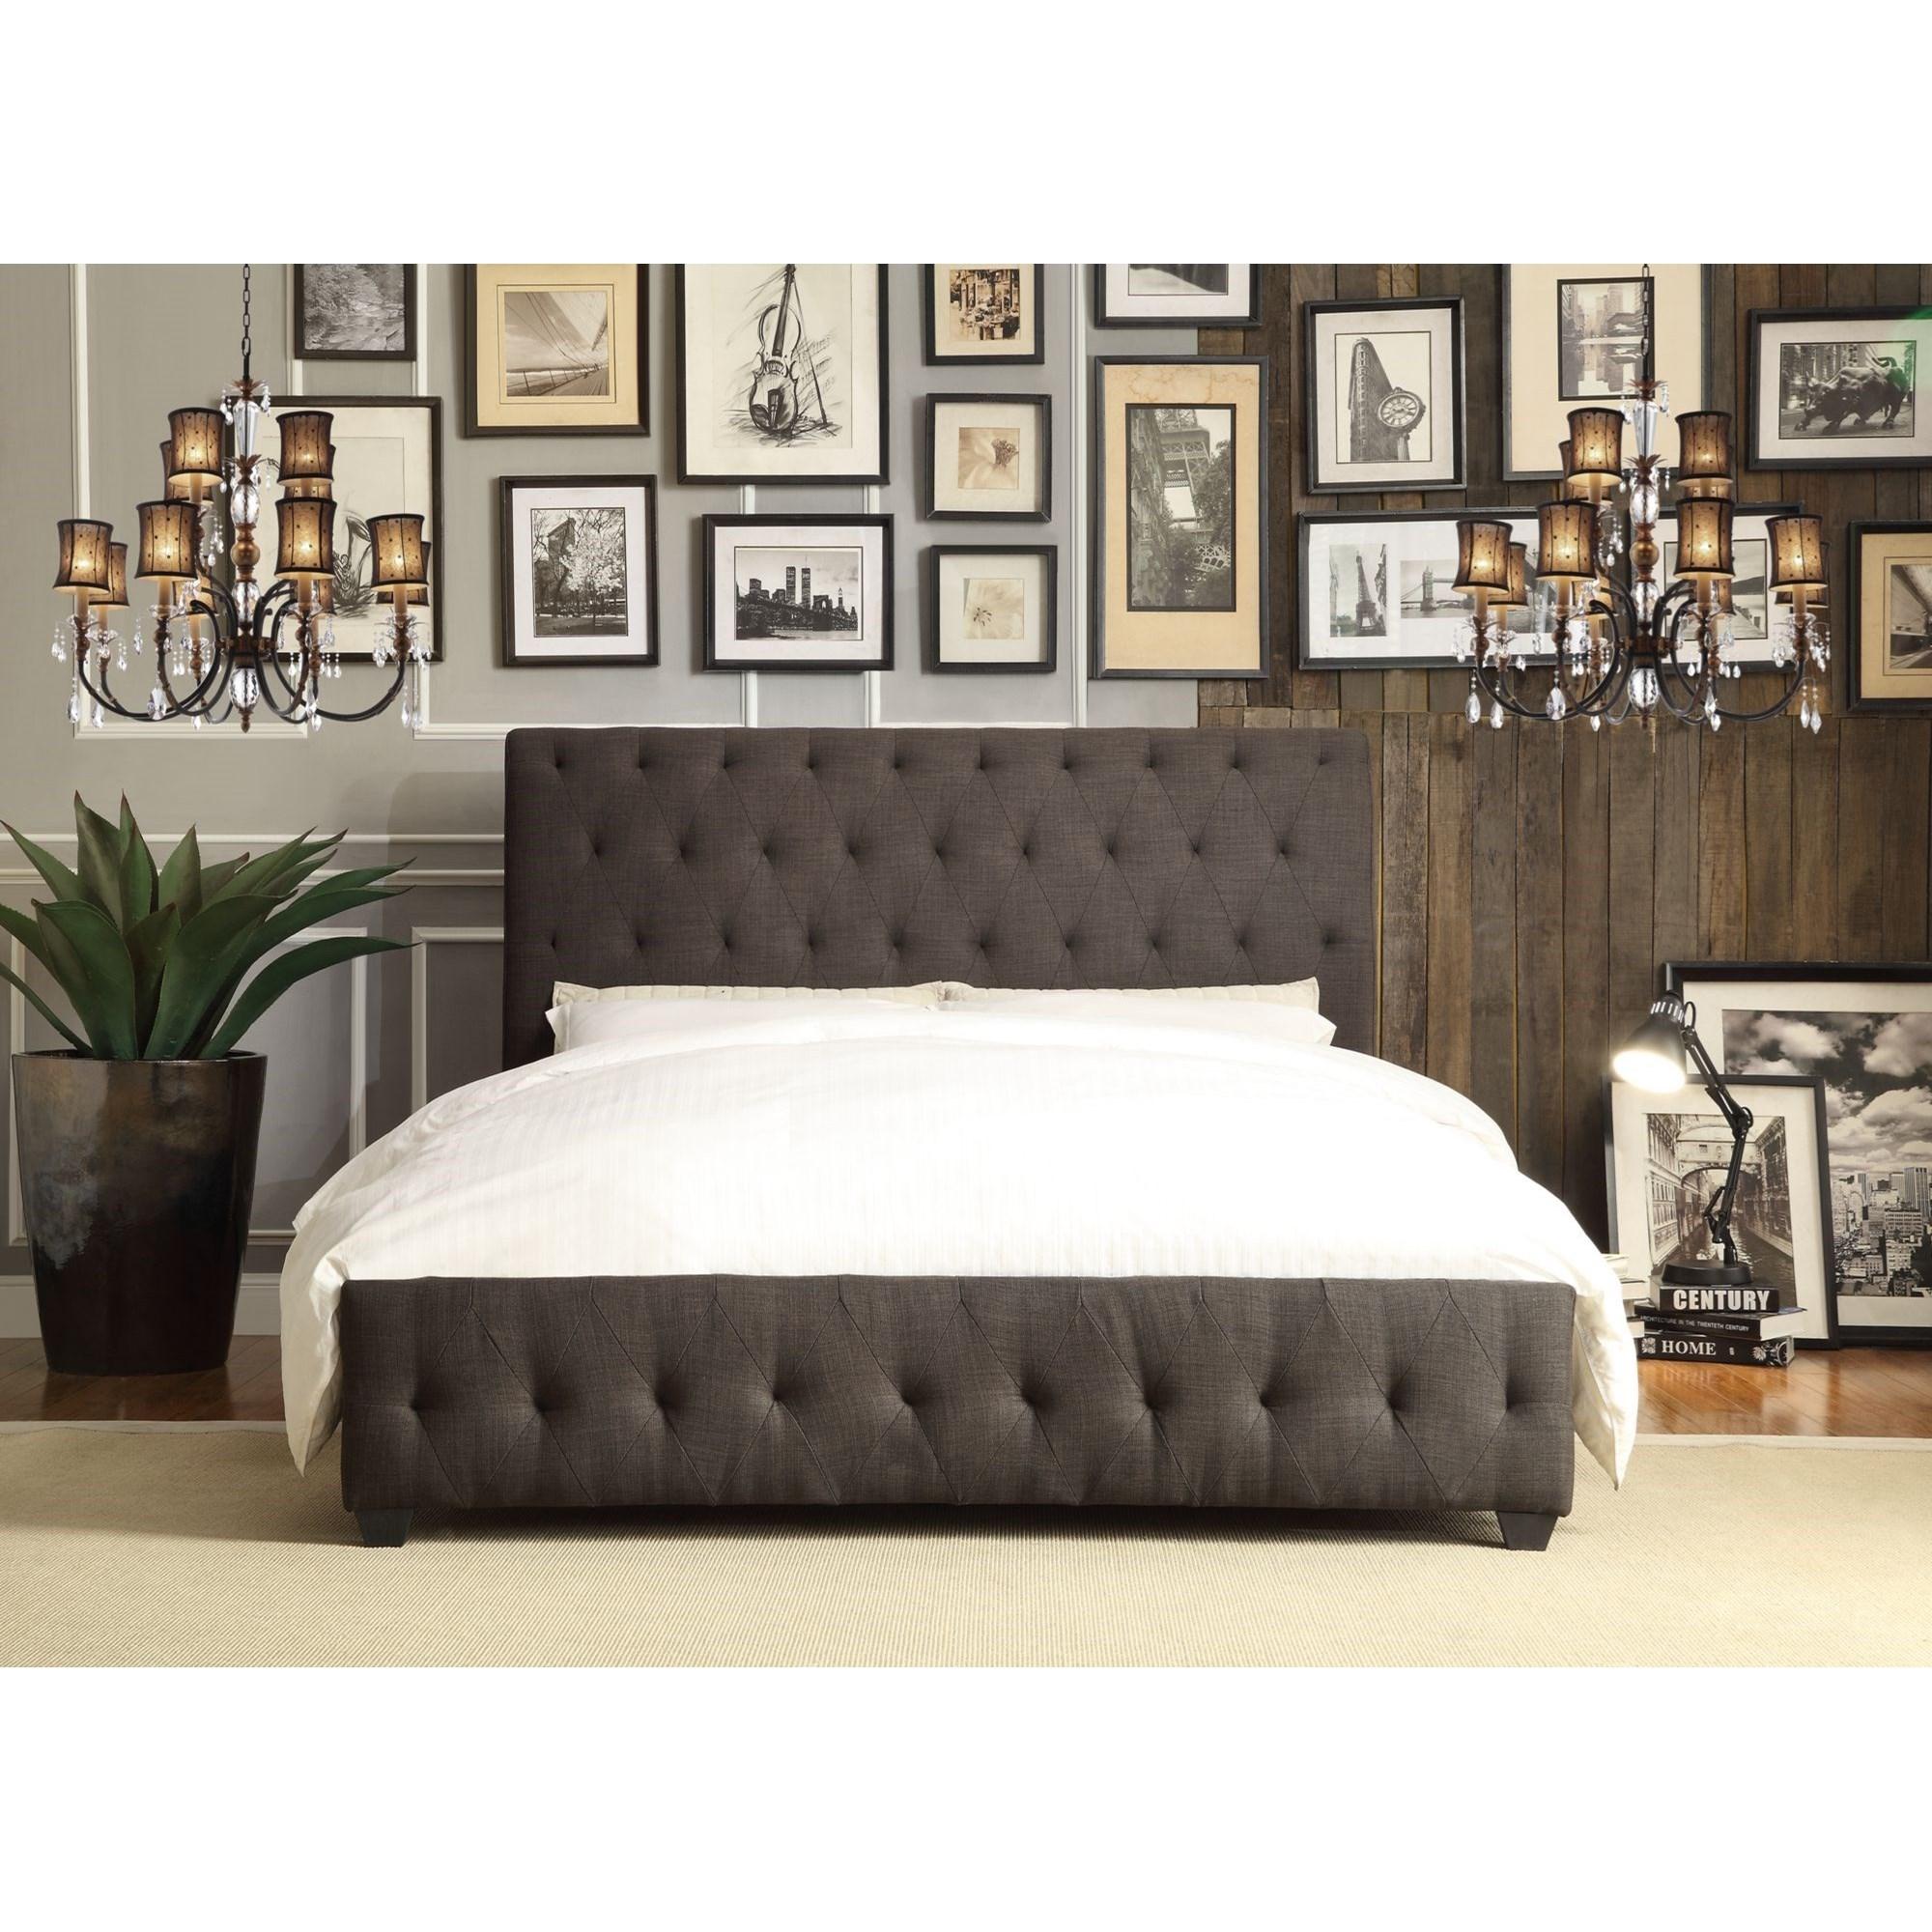 Homelegance Baldwyn Contemporary Full Upholstered Platform